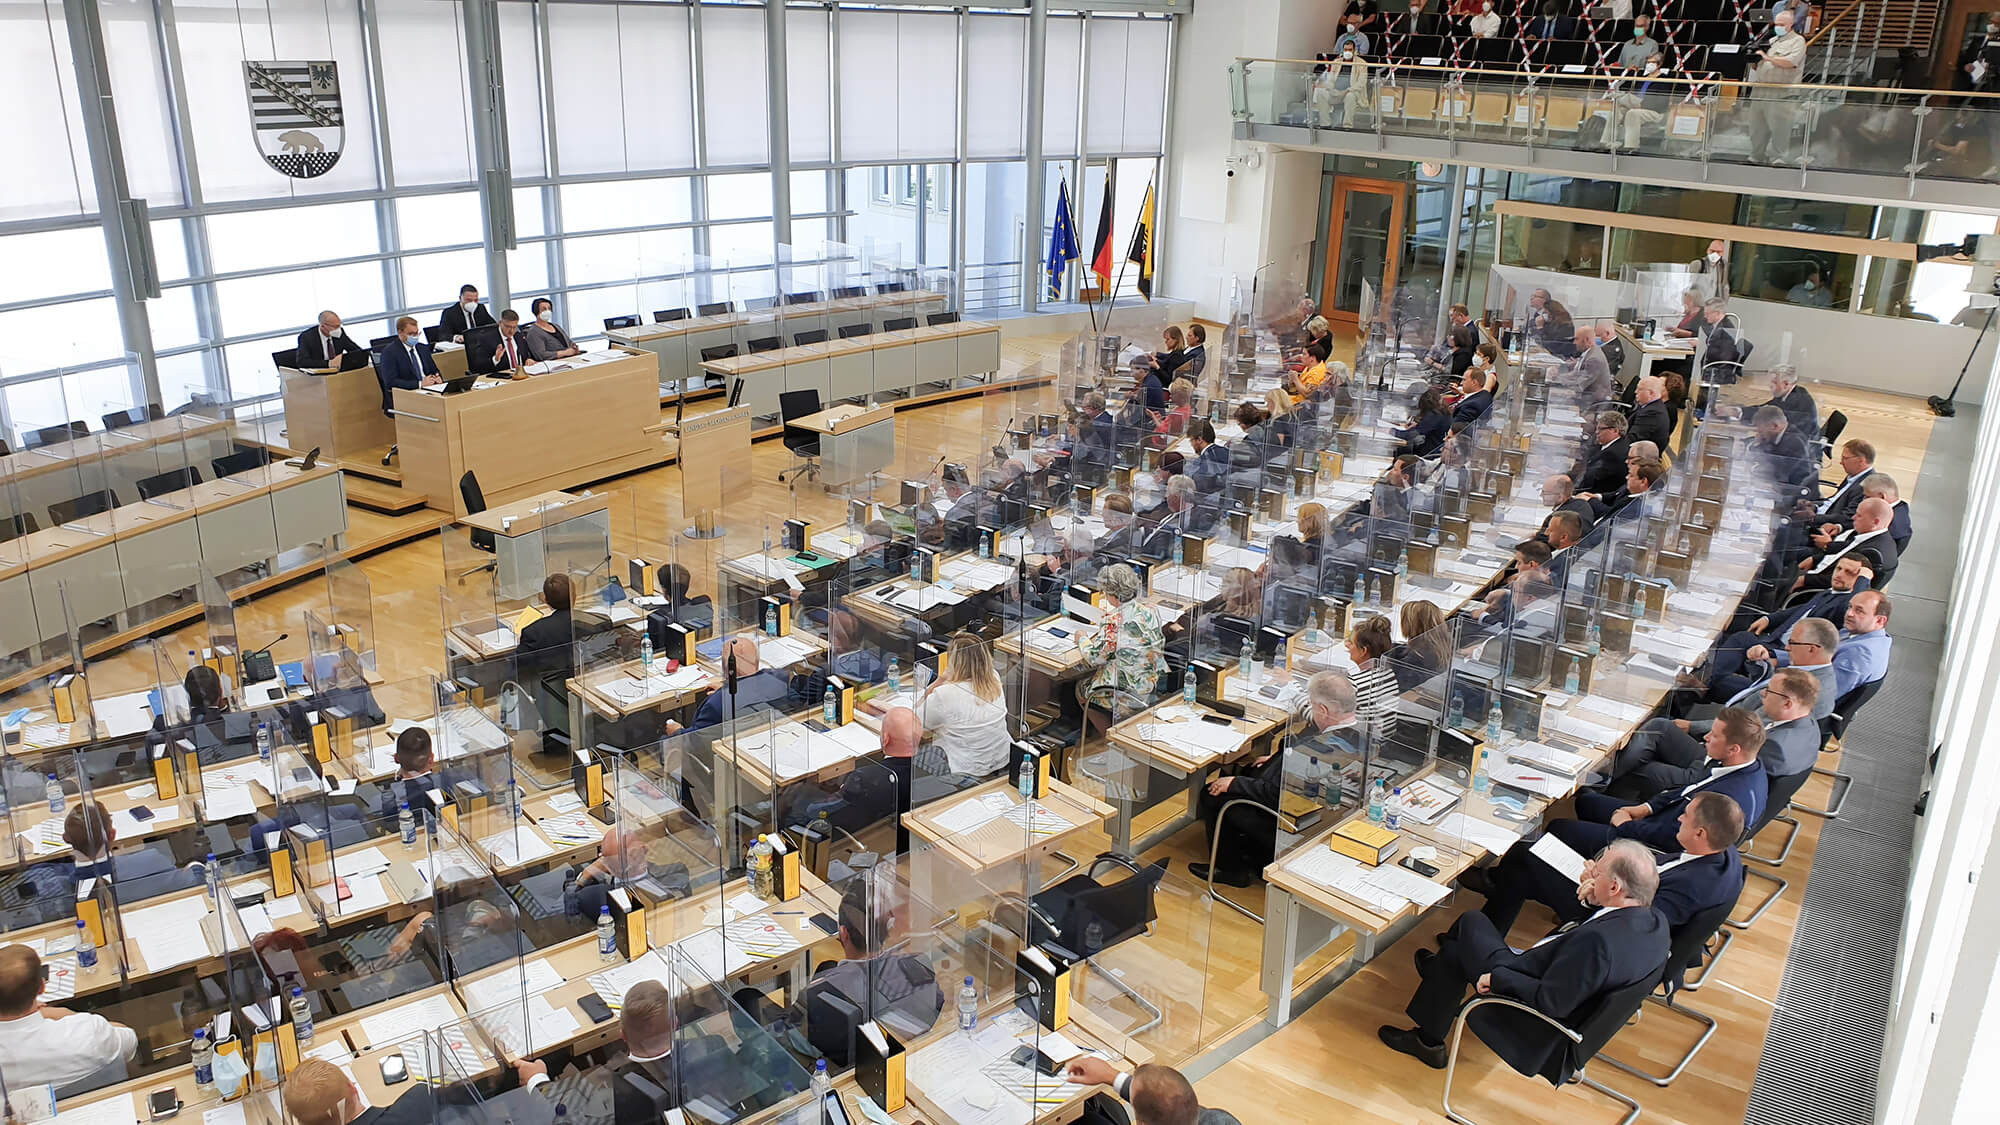 Plenum des Landtags Sachsen-Anhalt